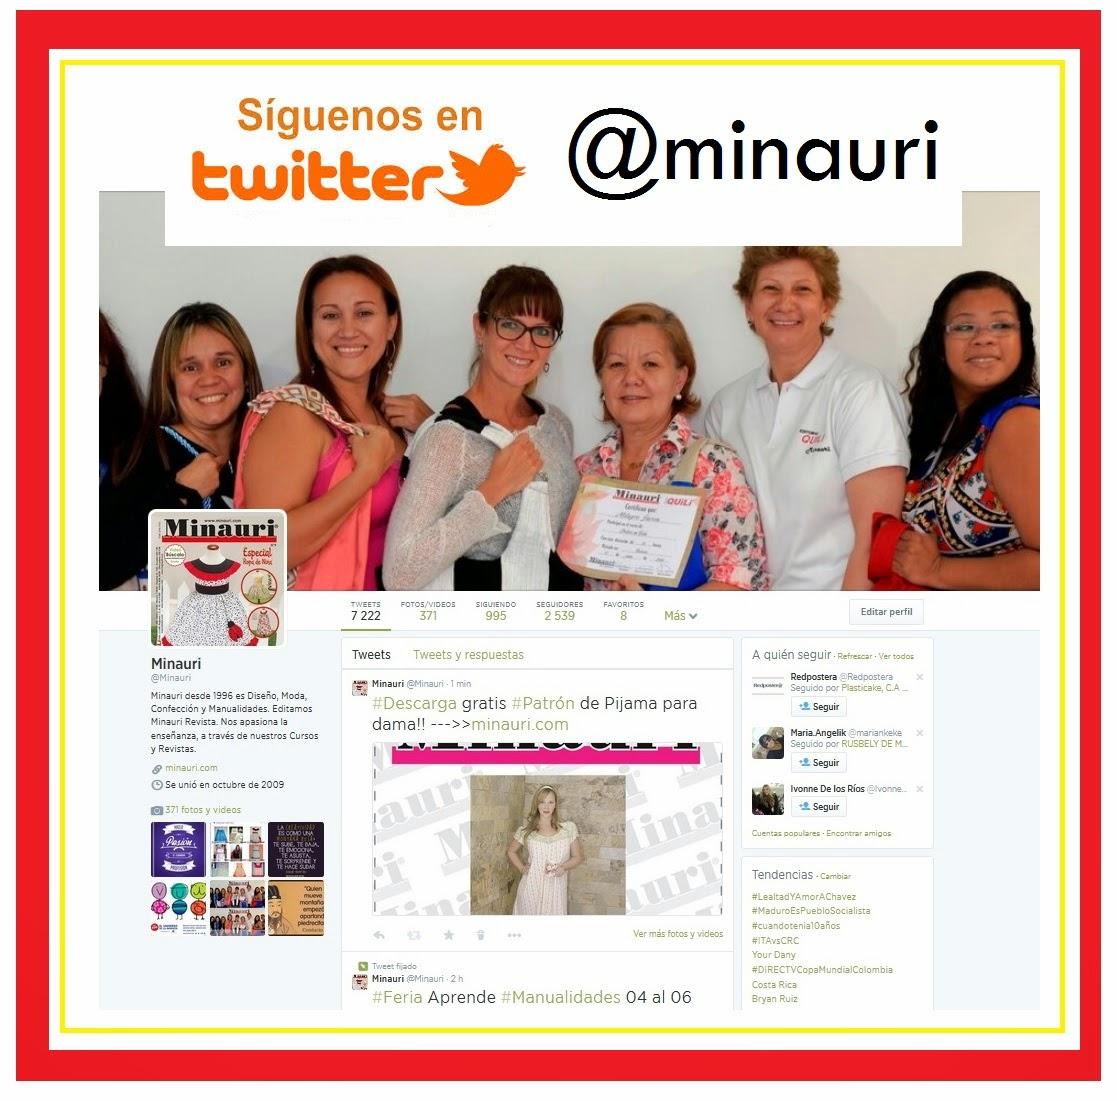 minauri en twitter  @minauri